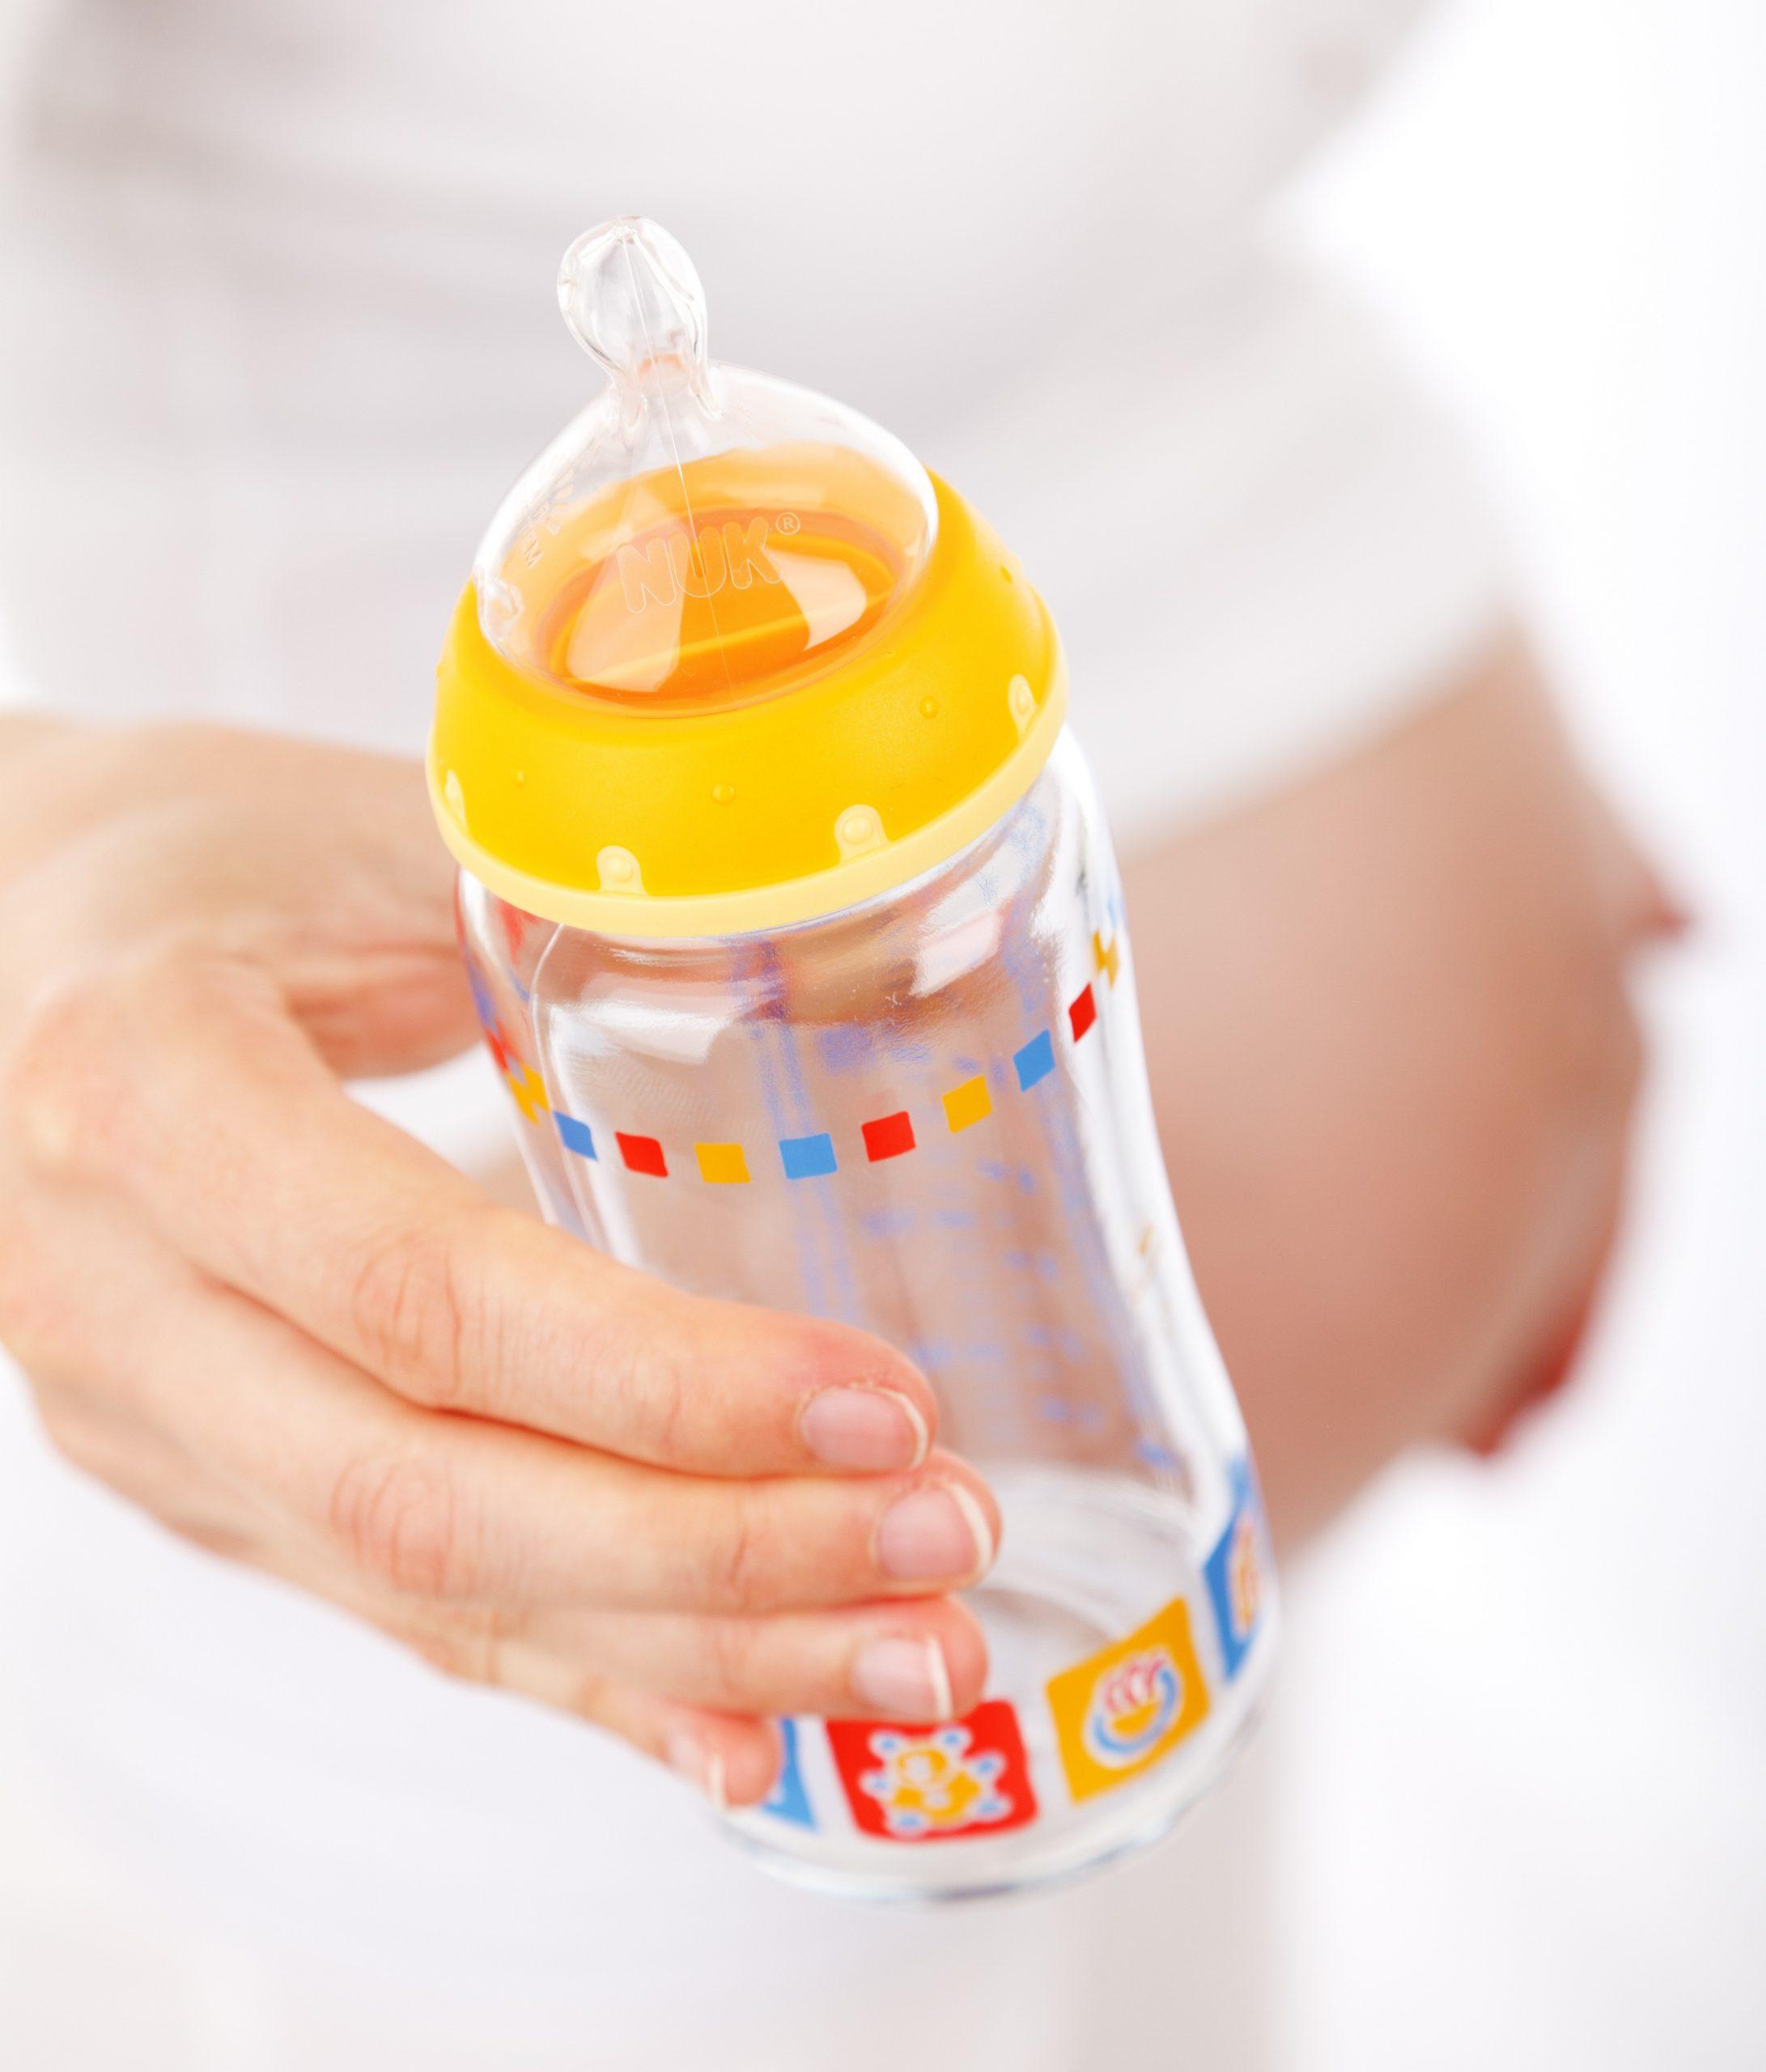 Alimentación mixta del recién nacido